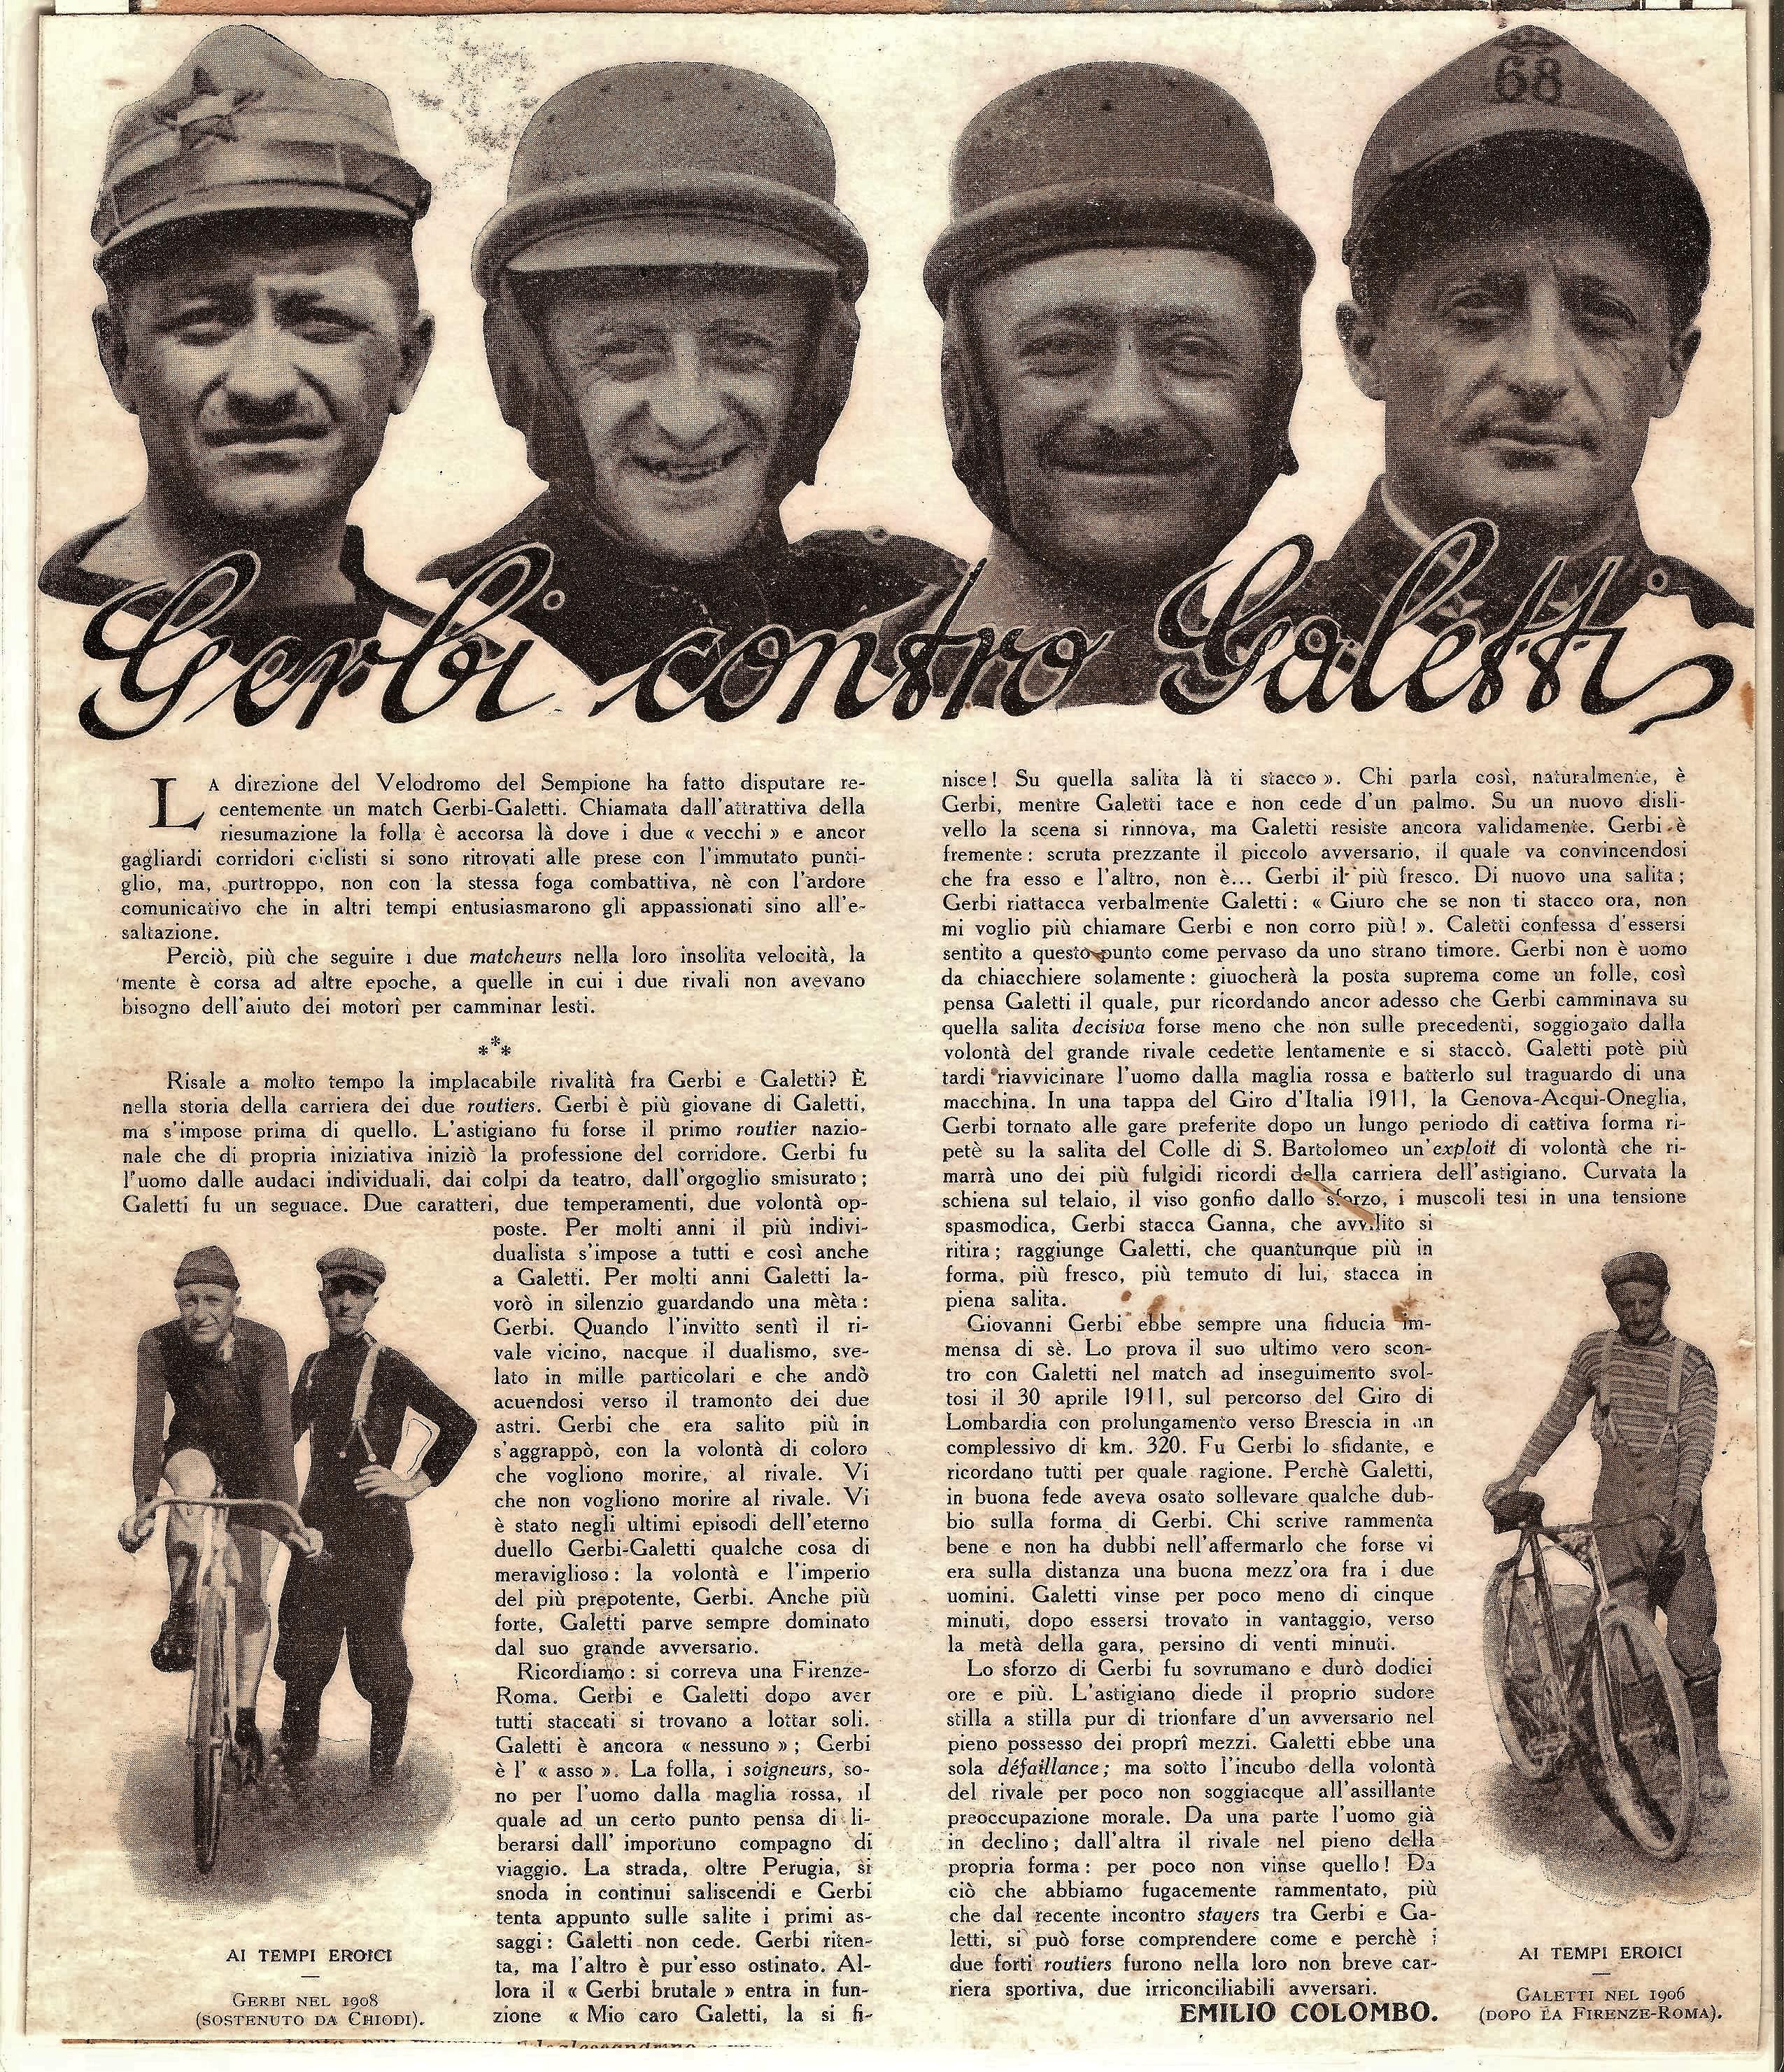 1918 - Gerbi e Galletti, nei ritratti a sinistra e destra, col berretto militare. Al centro, Galetti e Gerbi col casco delle prove su pista.